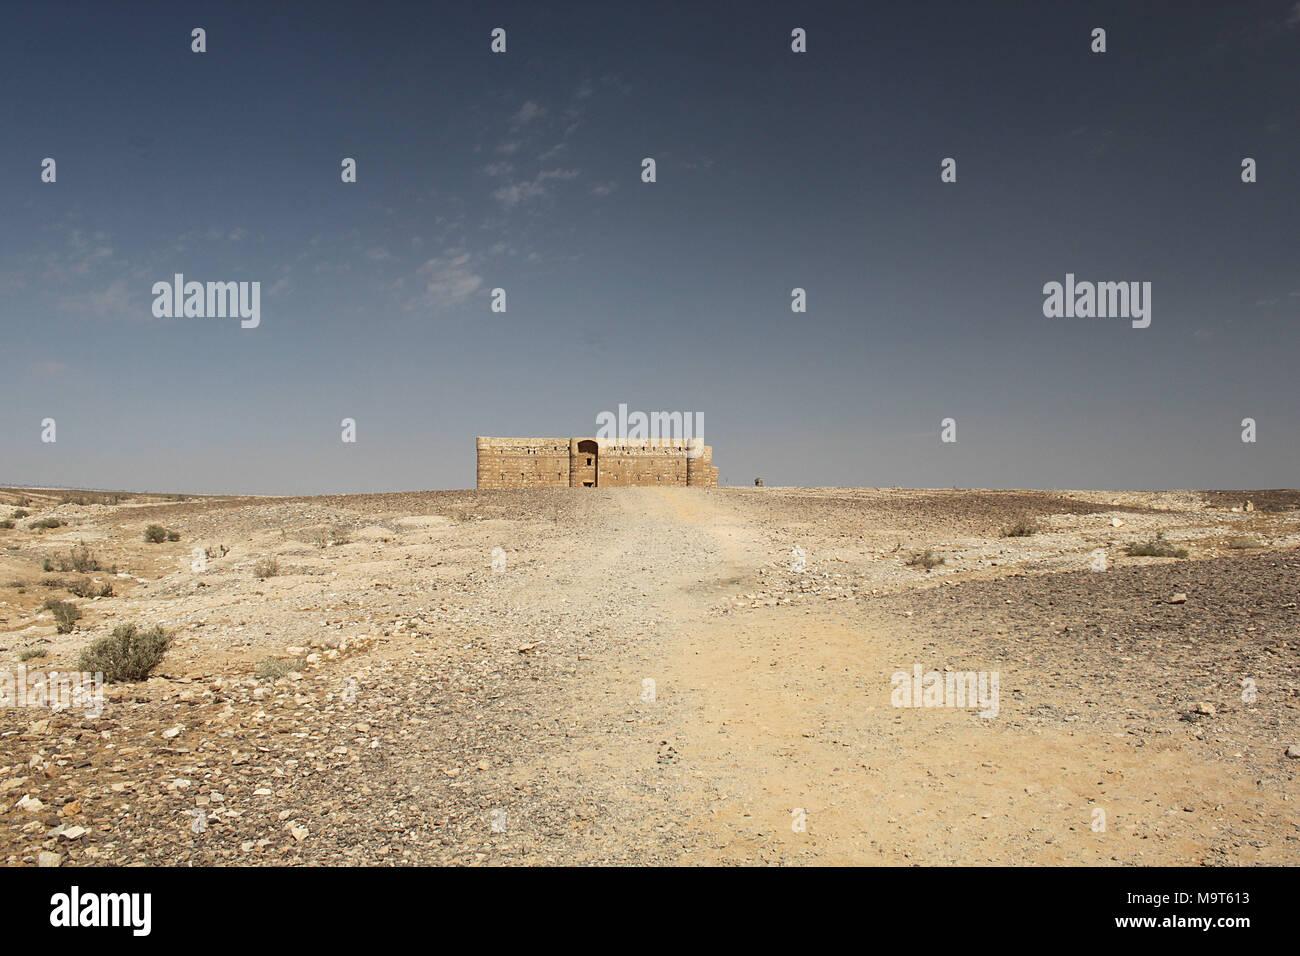 Qasr Kharana è uno dei castelli del deserto ad est di Amman. Risalente agli inizi del periodo Umayyad, è un esempio chiave di inizio dell'architettura islamica. Immagini Stock